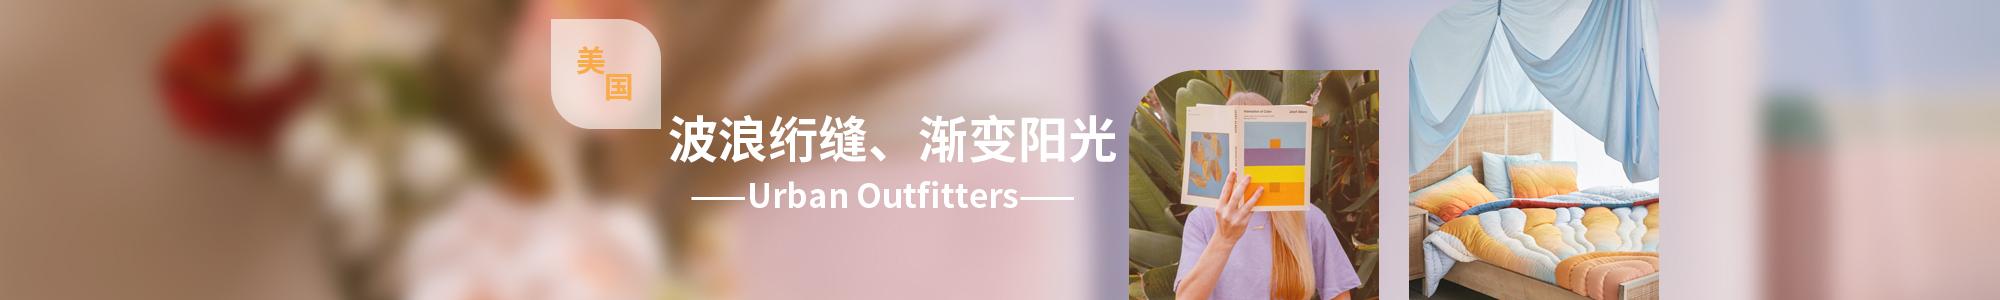 波浪绗缝 渐变阳光Urban Outfitters